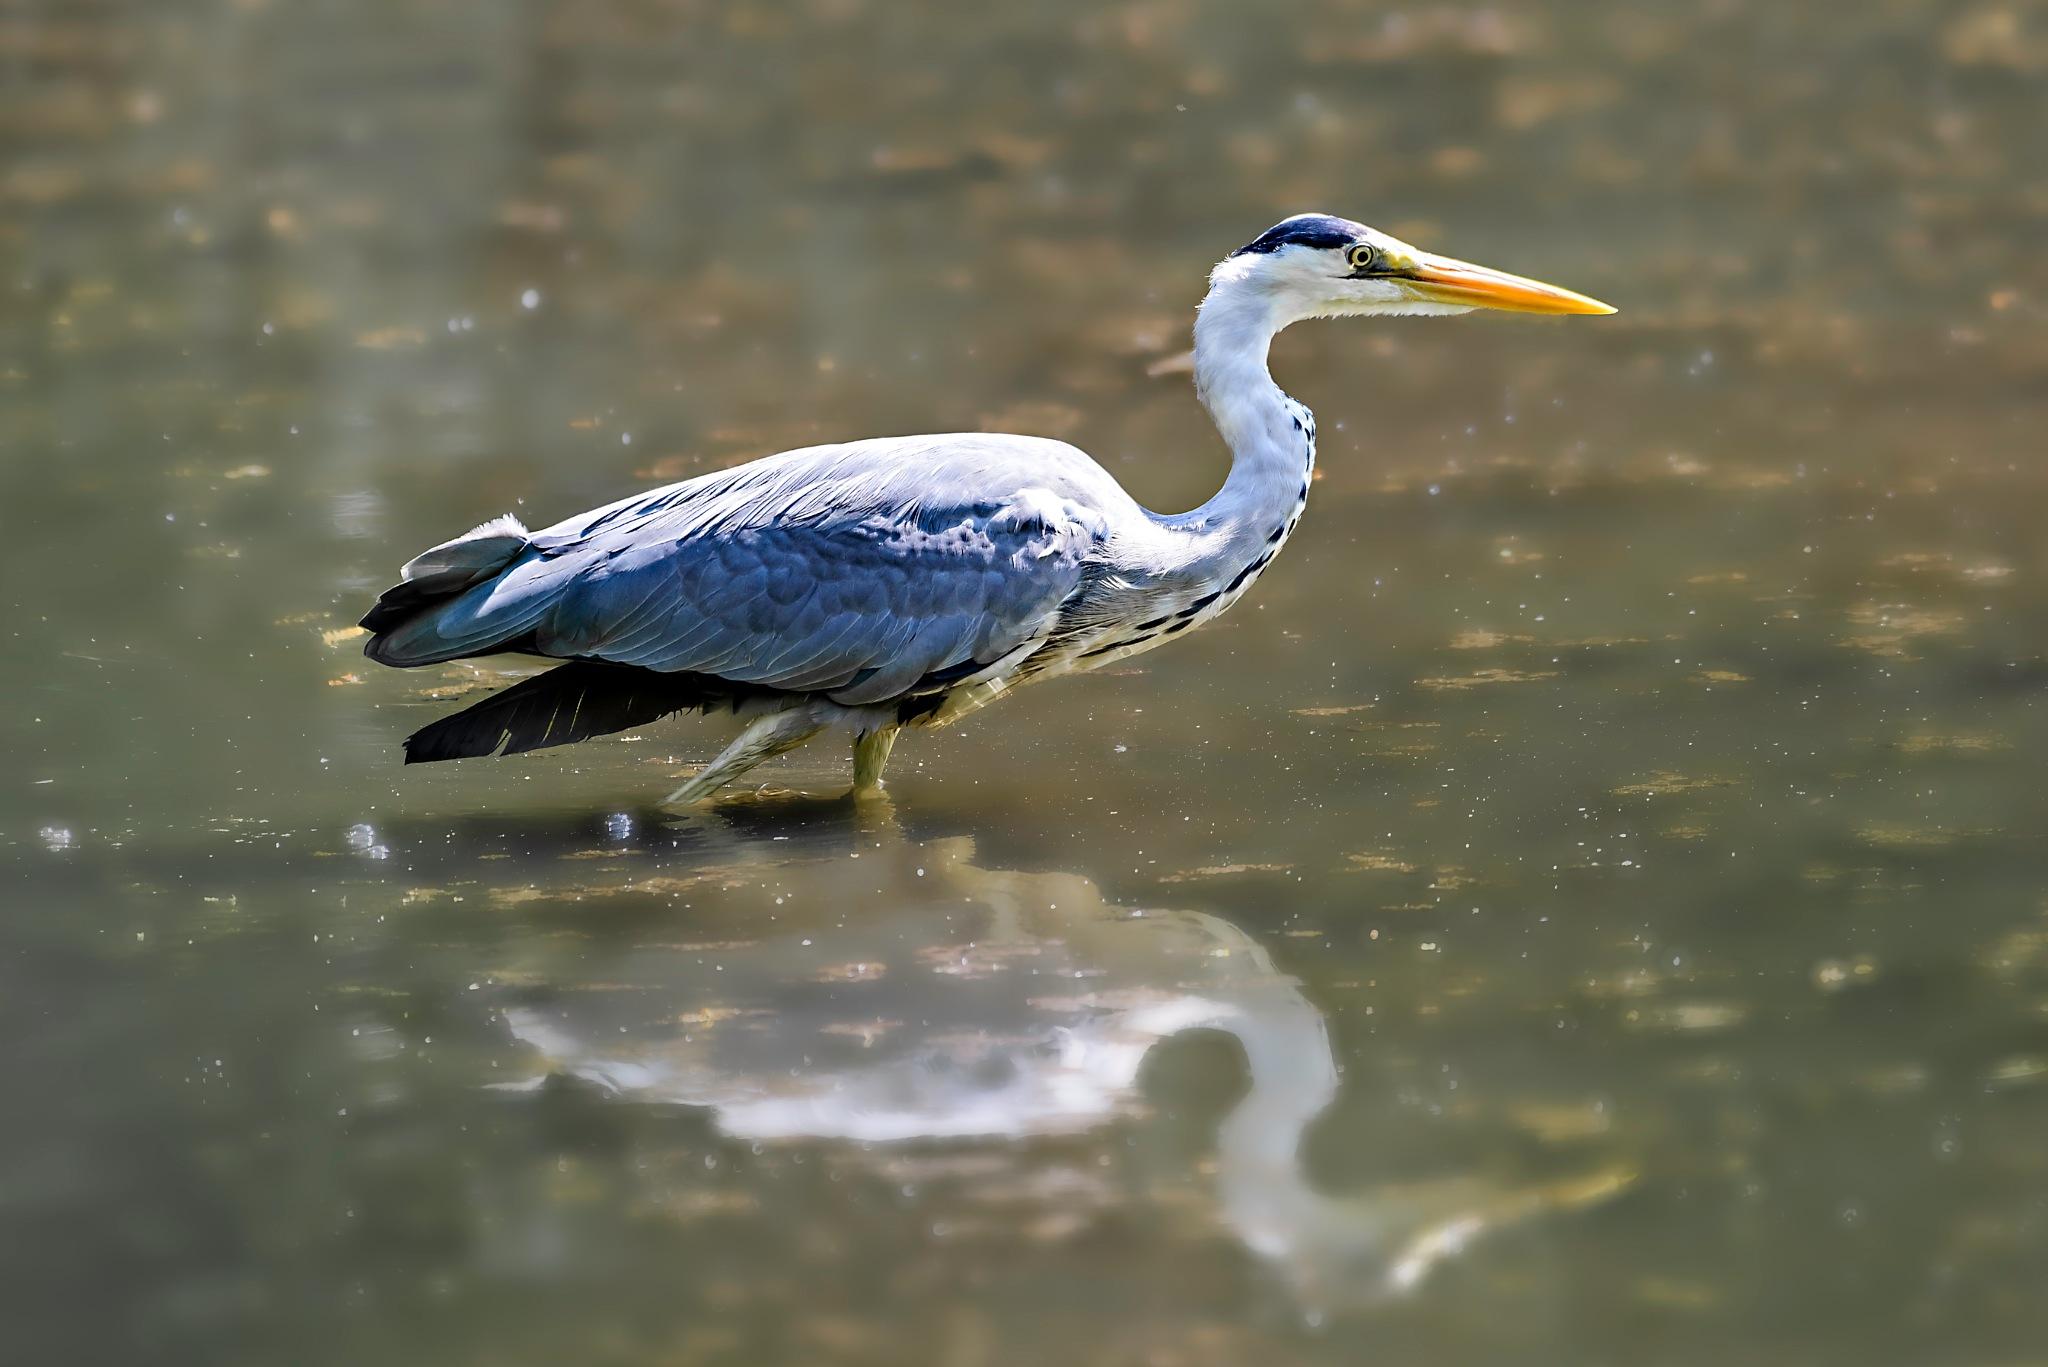 Heron by Gary Bibby